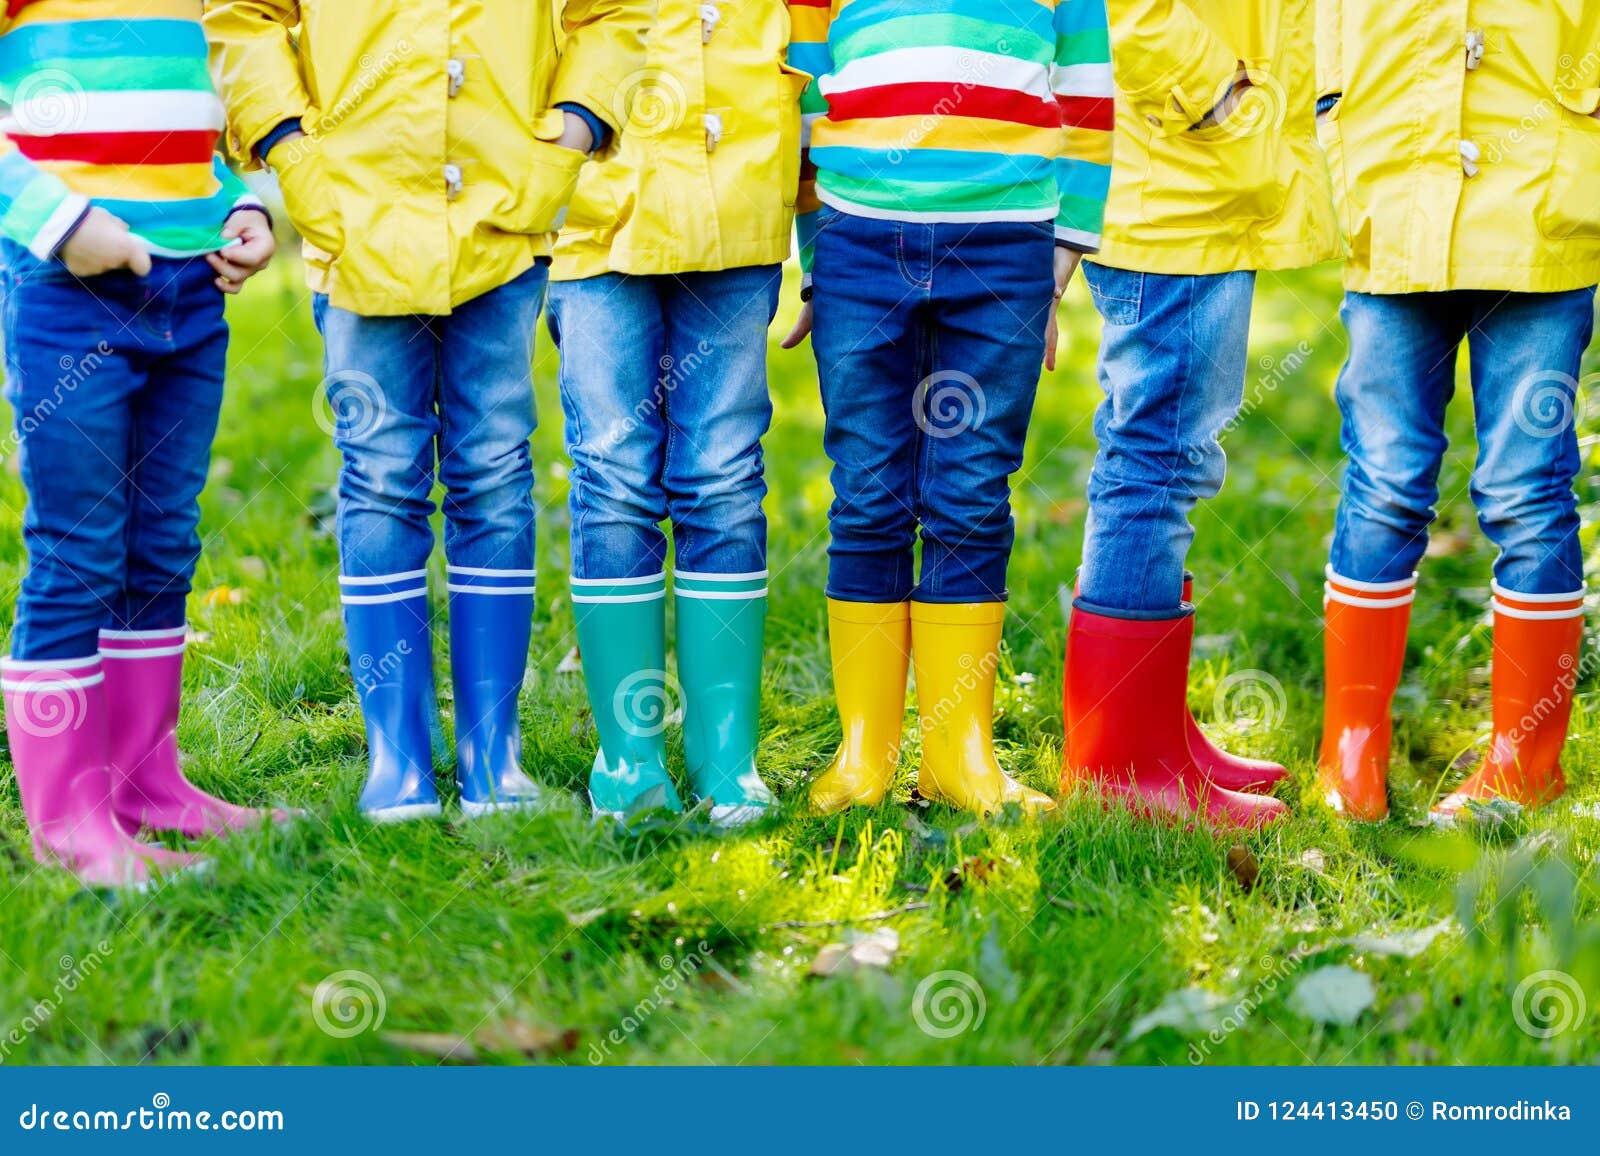 Małe dzieci, chłopiec i dziewczyny w kolorowych podeszczowych butach, Zakończenie dzieci w różnych gumowych butach, cajgach i kur